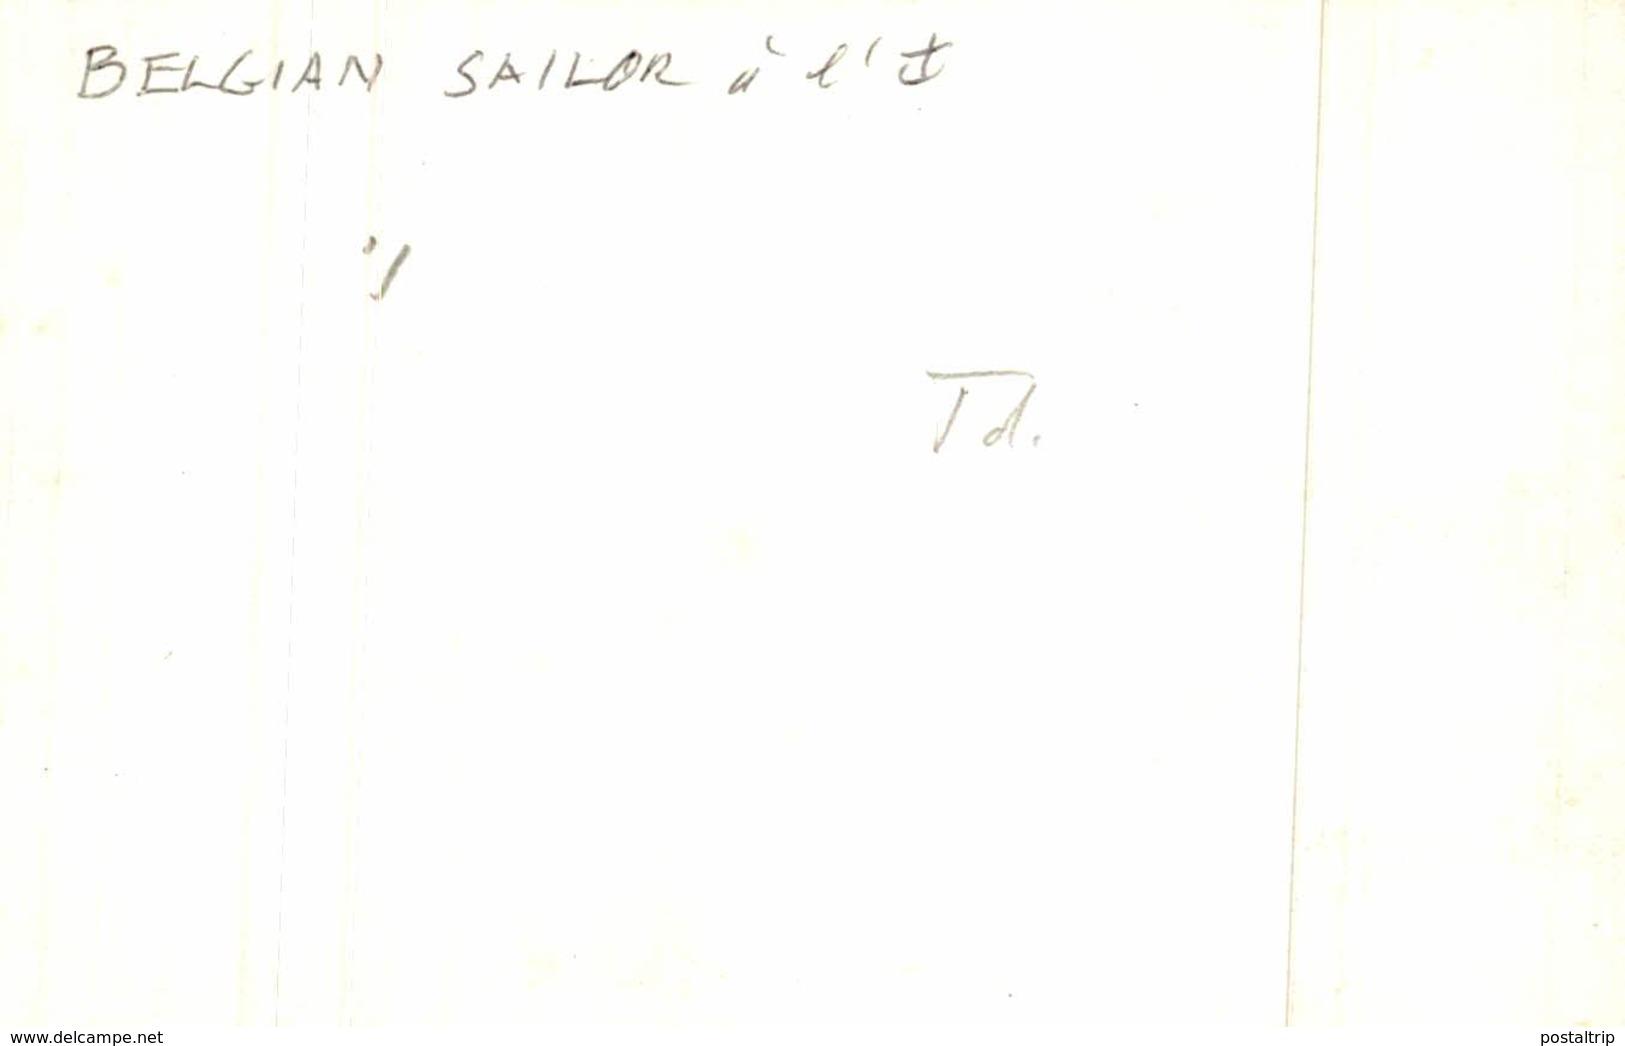 BELGIAN SAILOR  11.5 * 8 CM Bateau, Barco,  Bateaux, NaviRE - Barcos